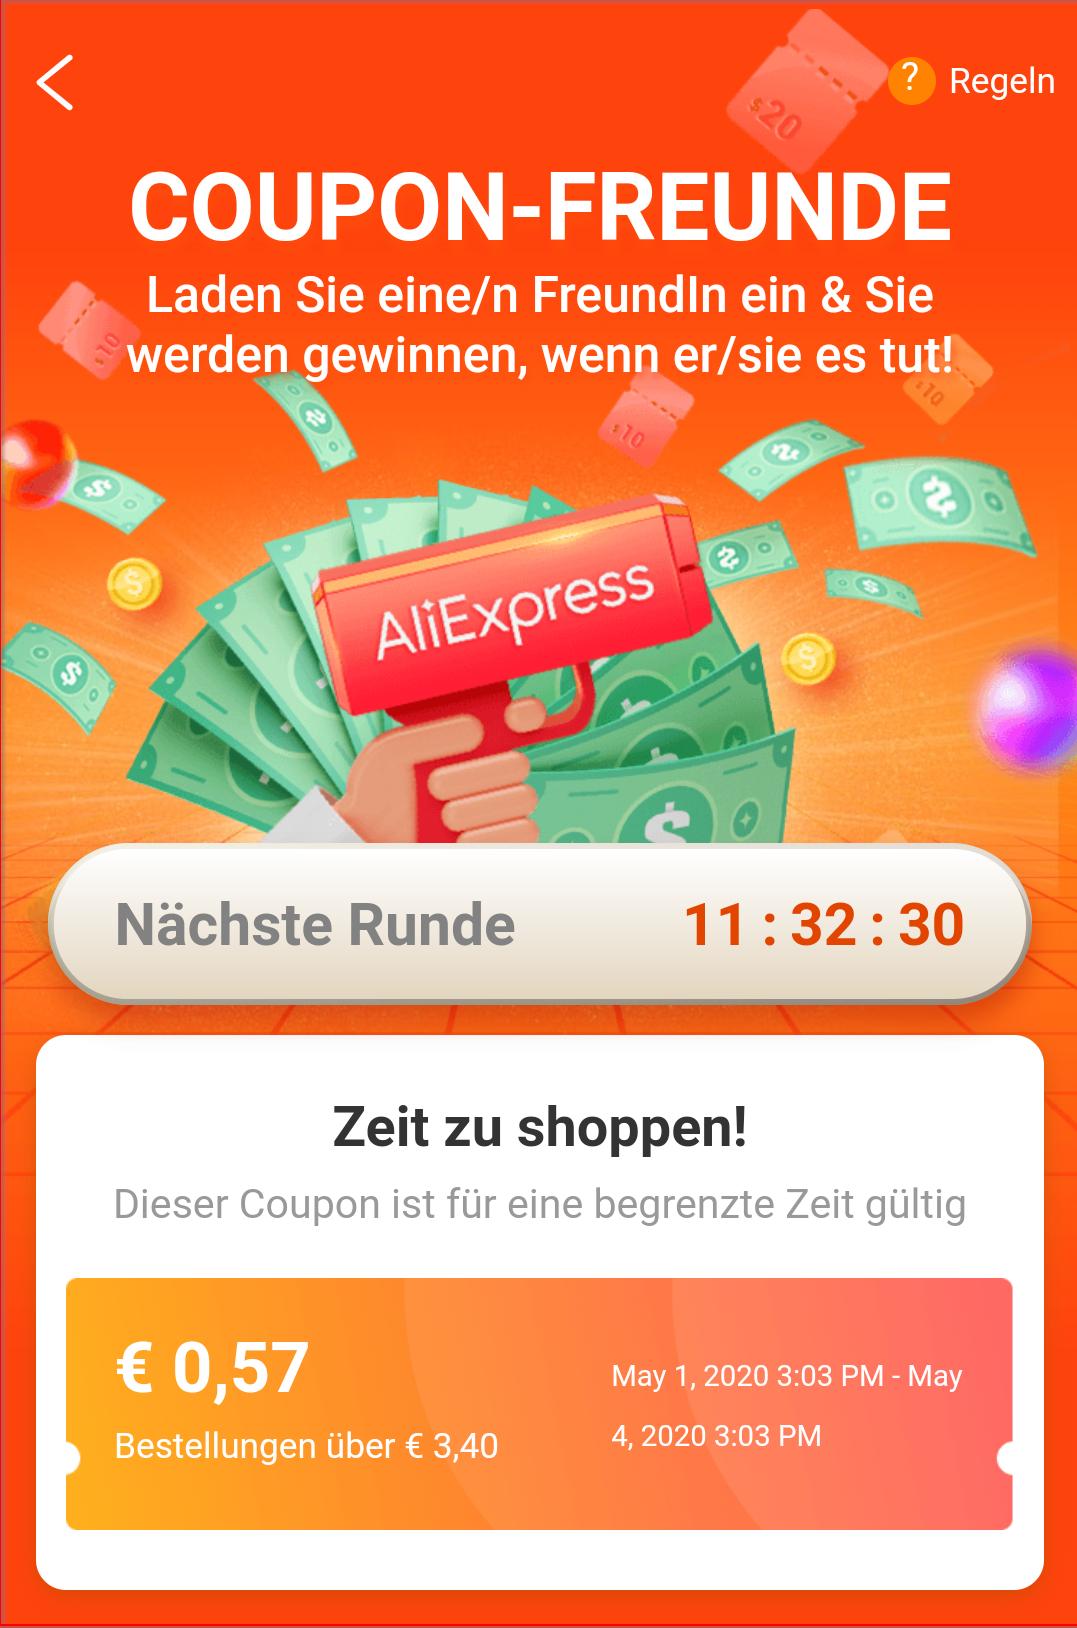 AliExpress App - Coupon Freunde Spiel bis 0,98€ (3,99€) Rabatt für Bestands- (Neu)kunden und Mindestbestellwert 4 Tage gültig